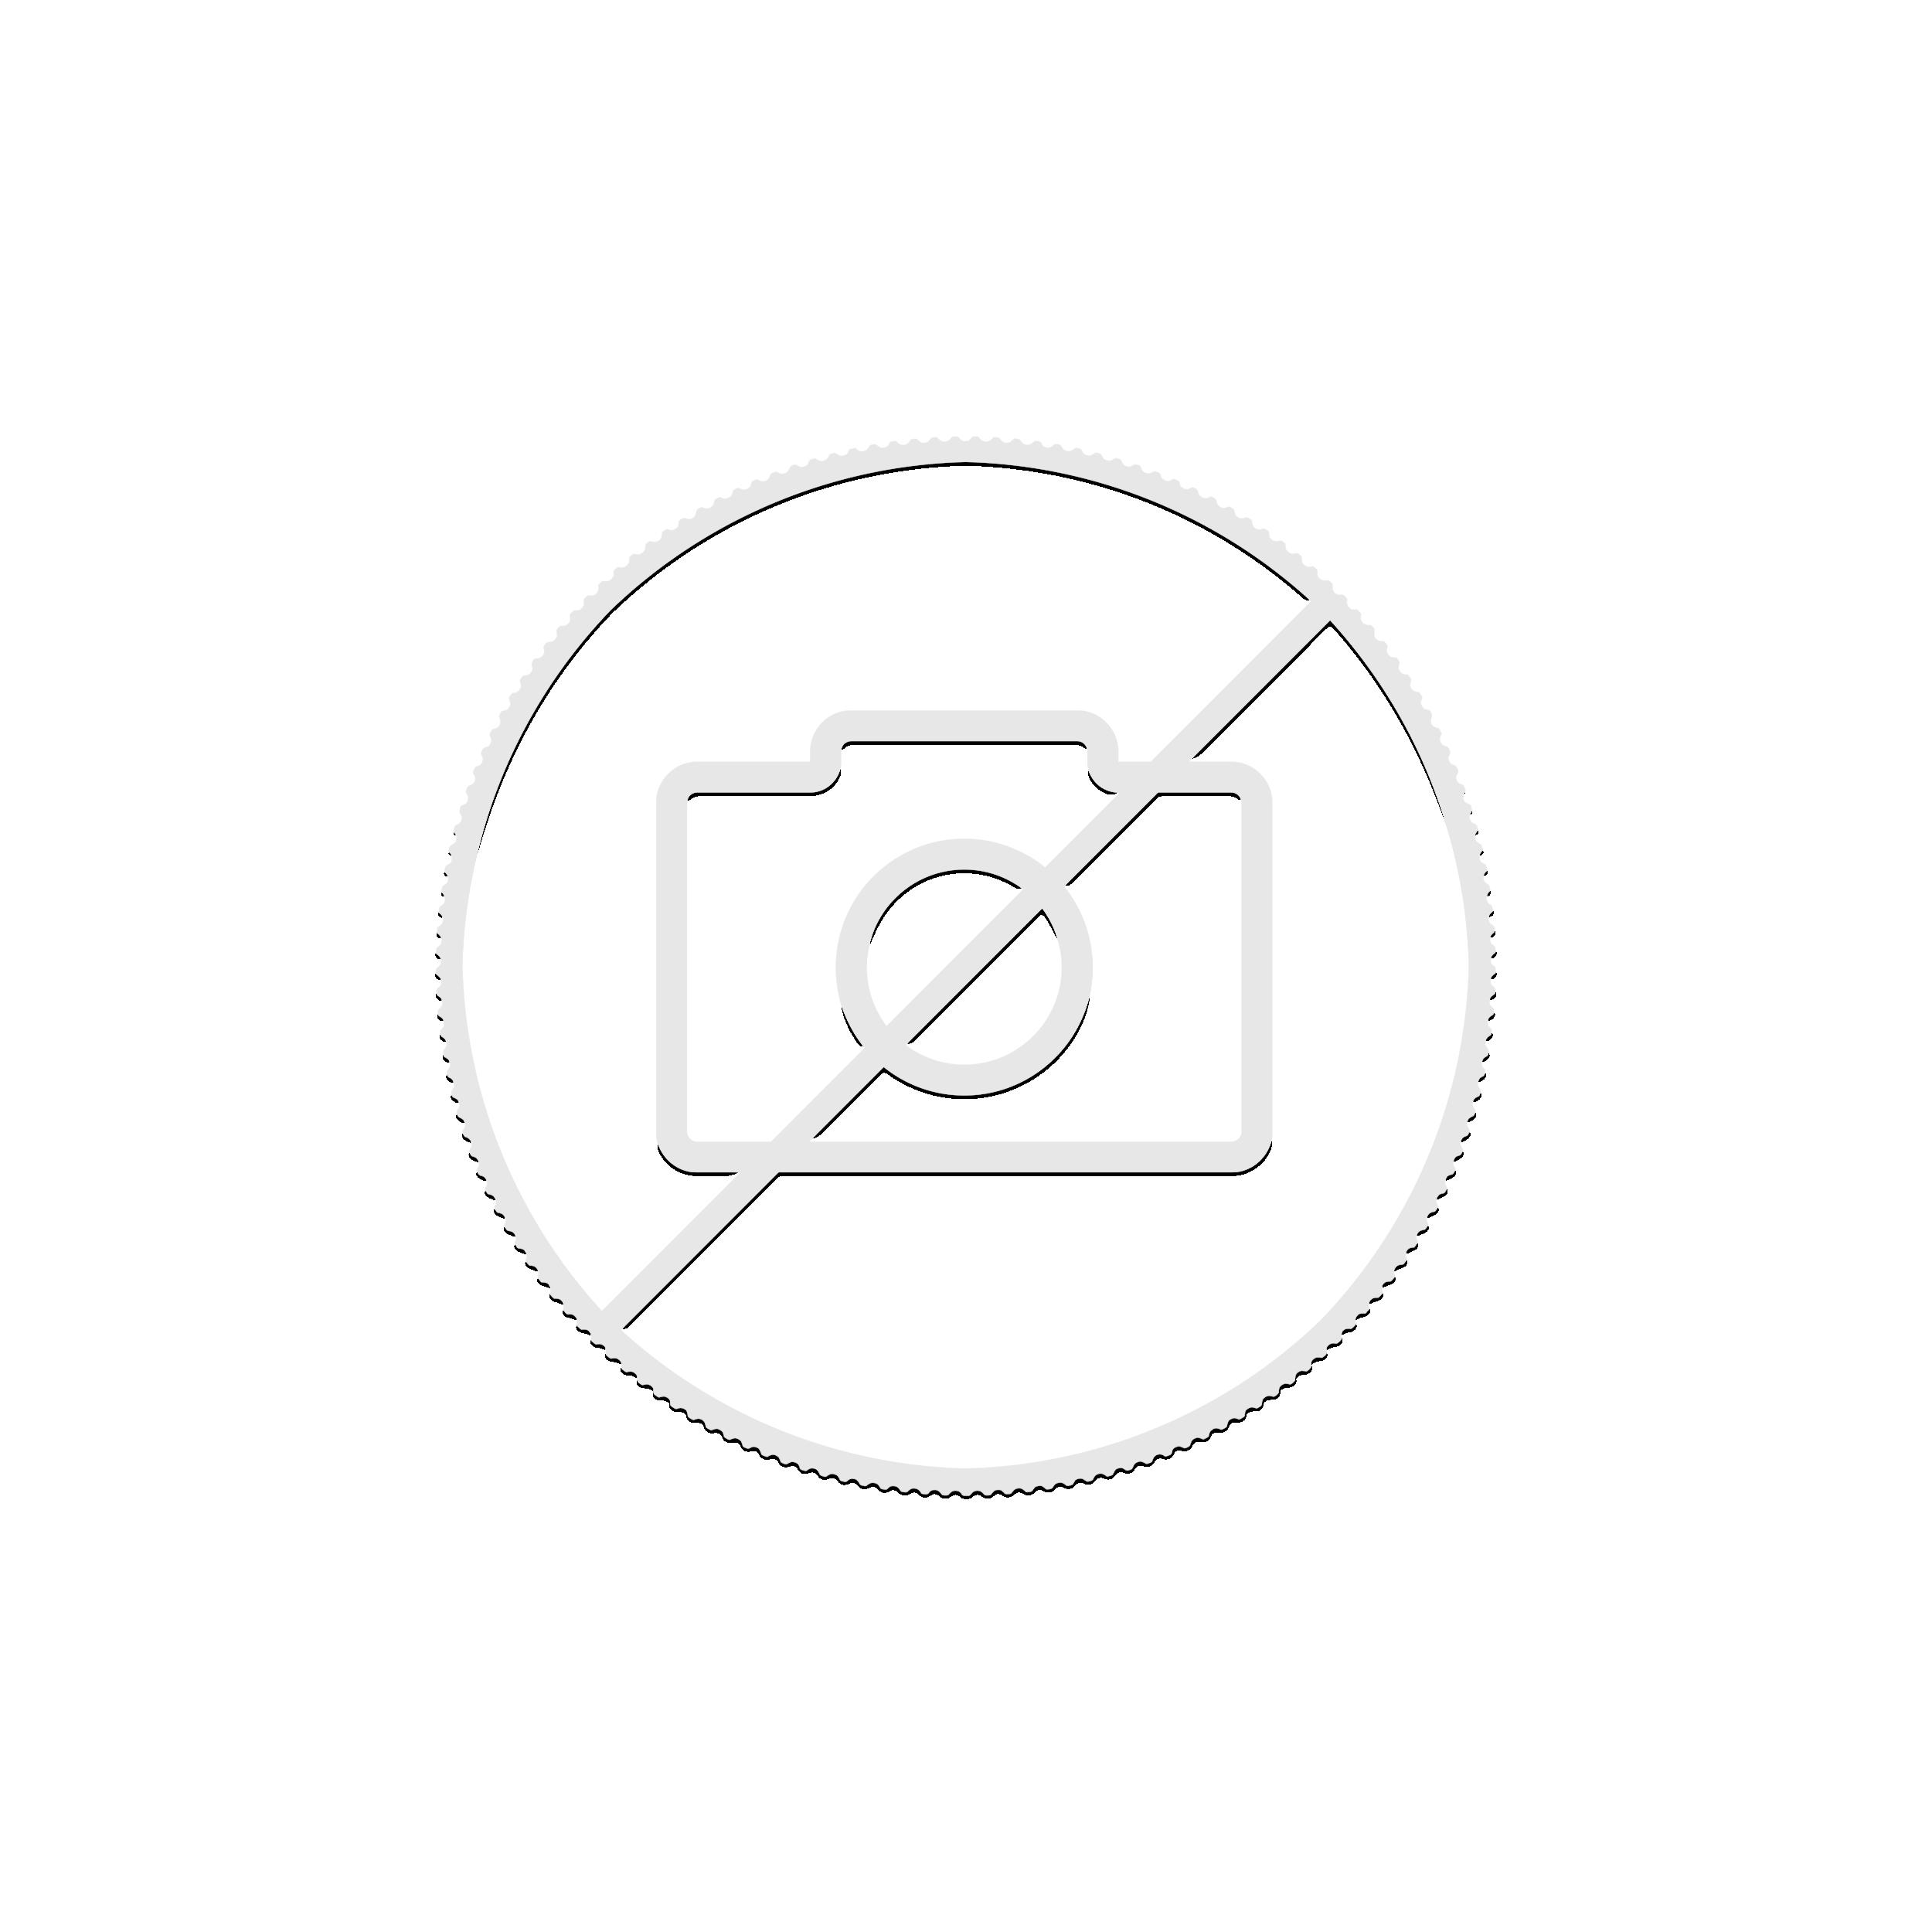 zilveren munt mythen en legendes dragon 2021 Proof